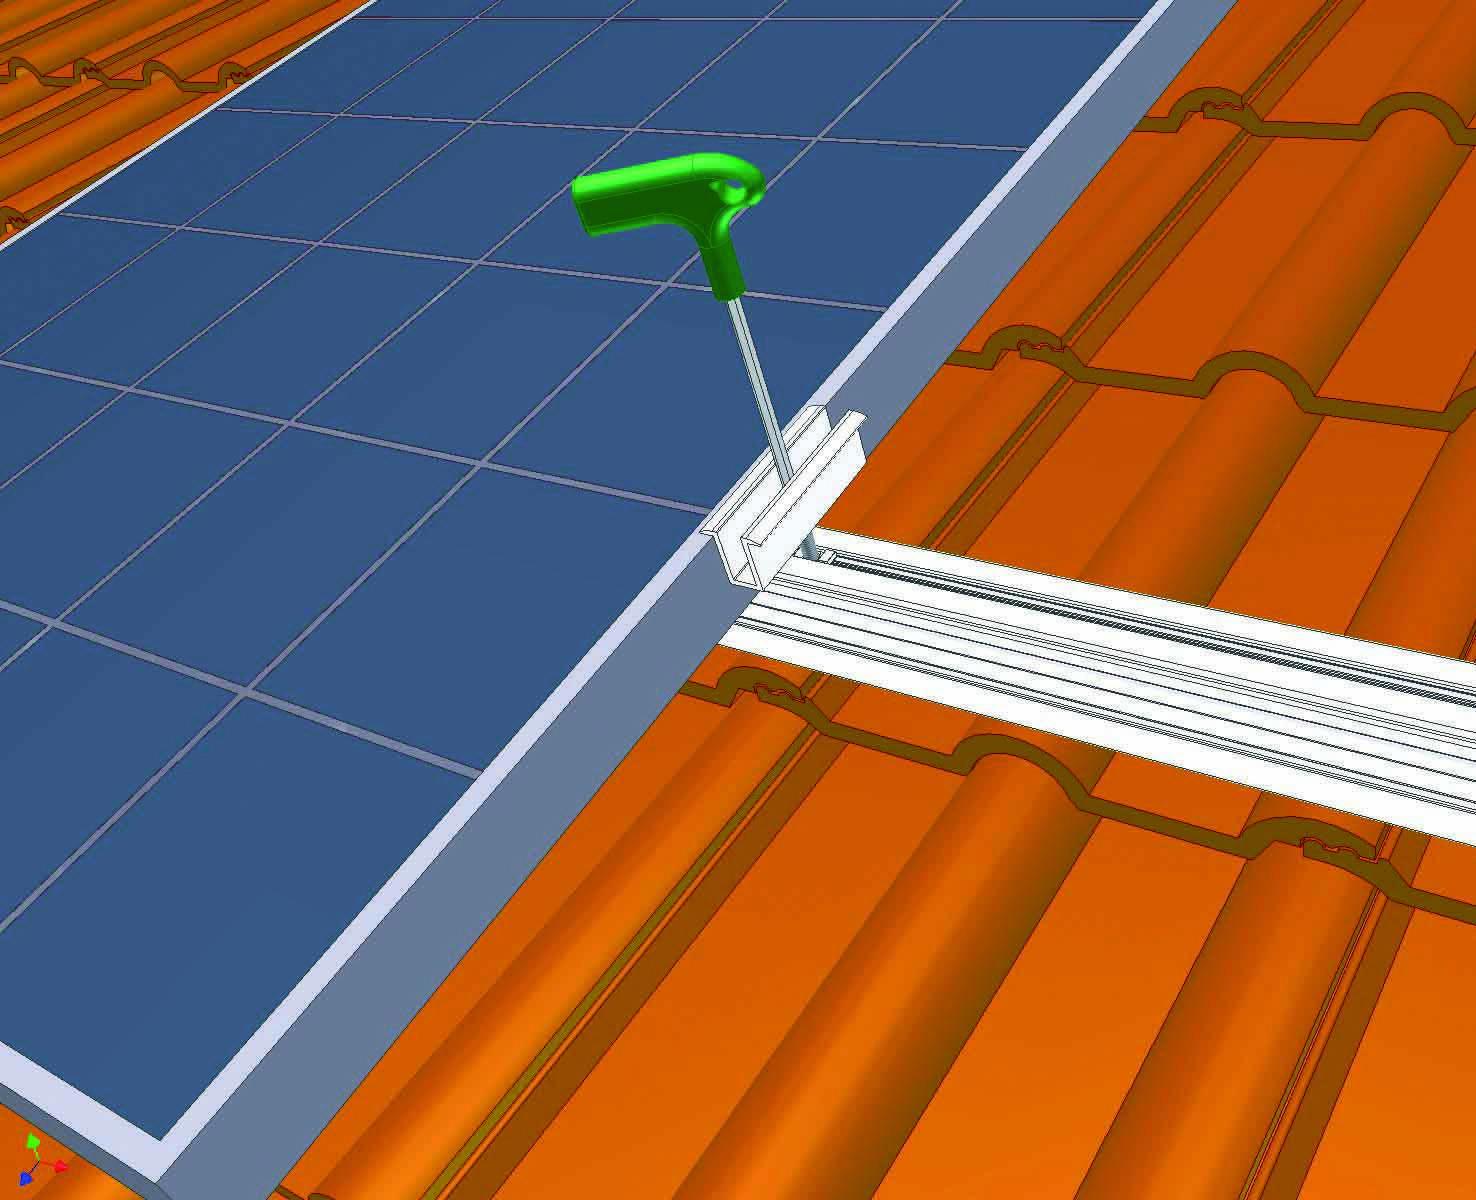 Energia Solar - Suporte para painéis fotovoltaicos